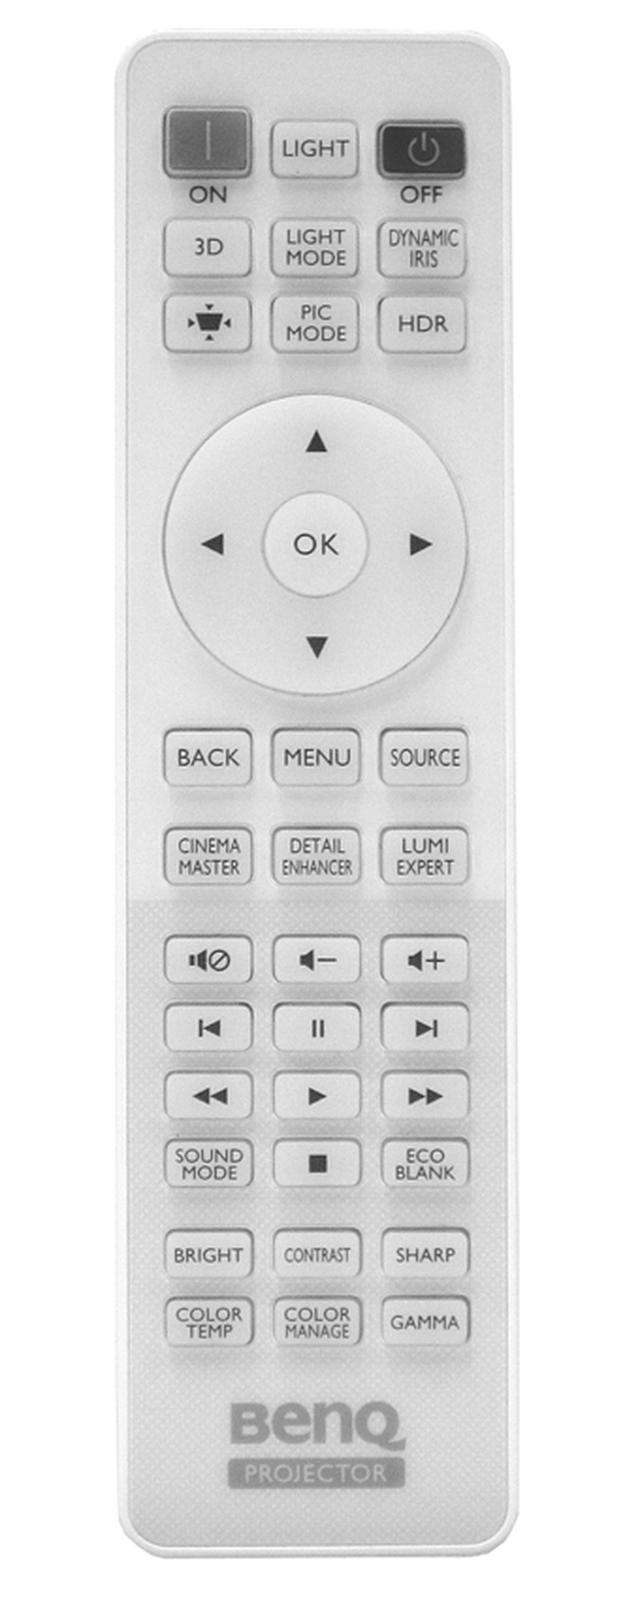 画像: 付属リモコン。本体内蔵スピーカーの音量調節ボタンもあるが、十字キーでも音量を変えられるのがうれしい。